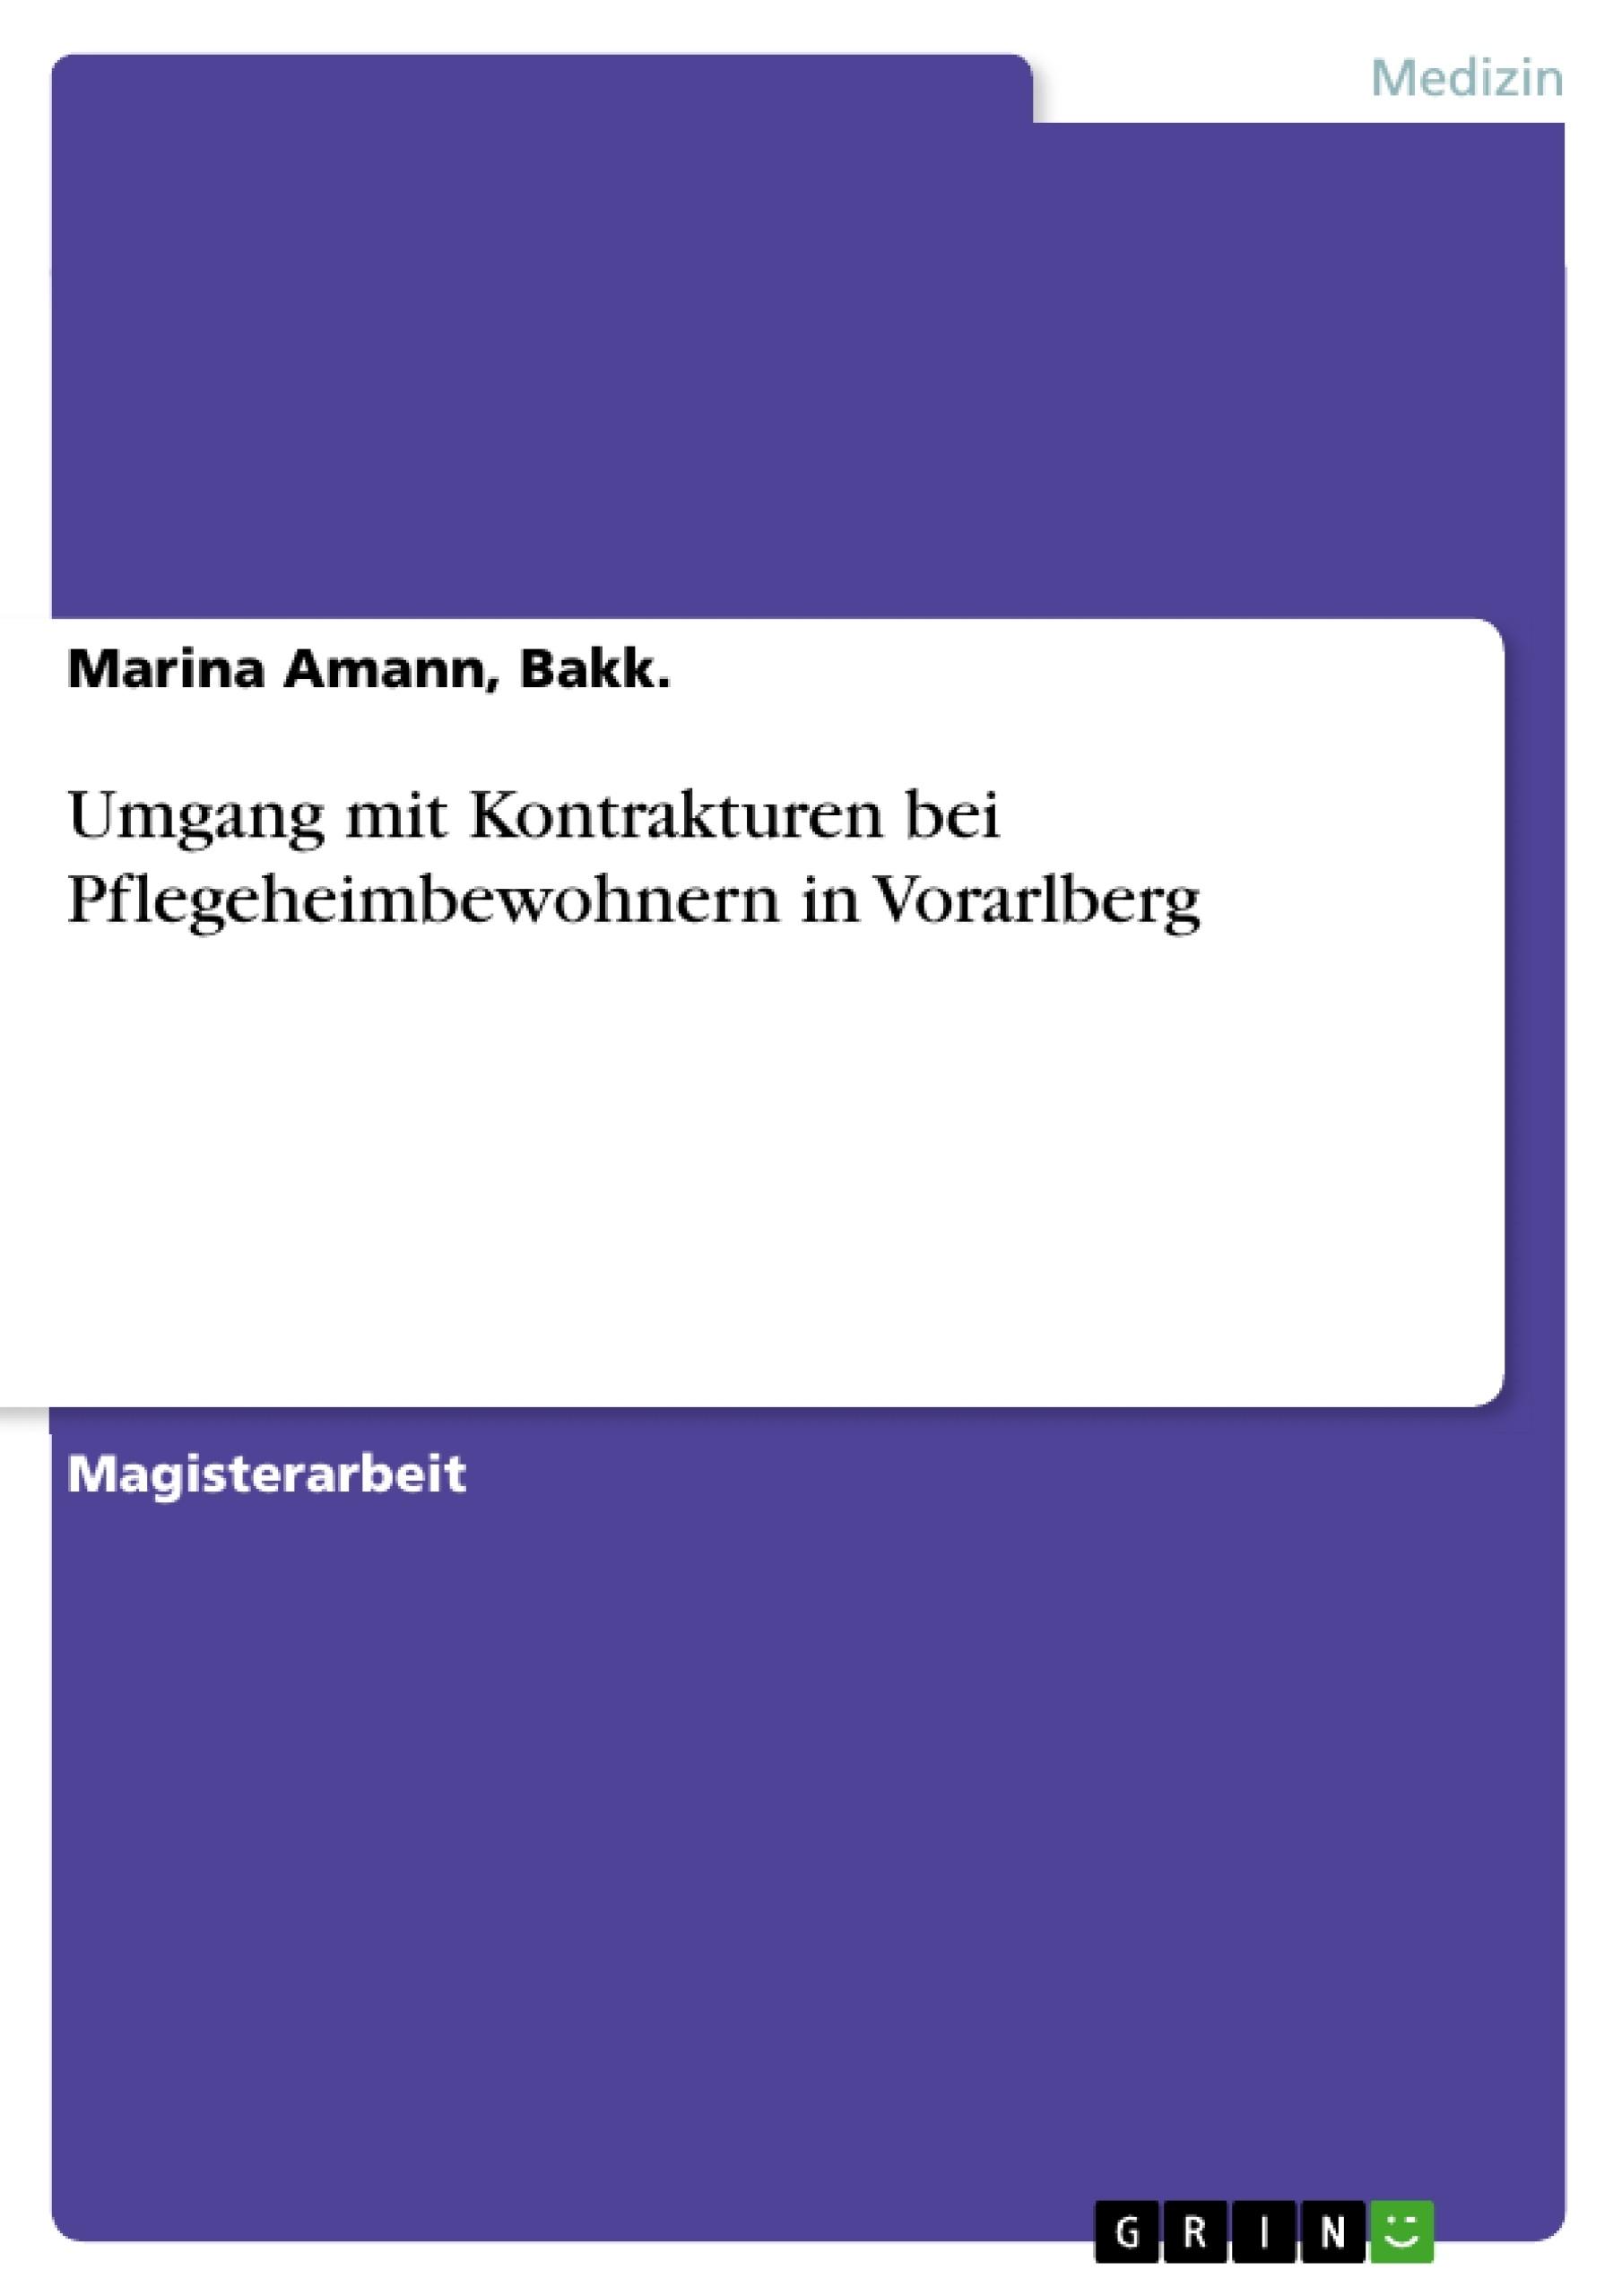 Titel: Umgang mit Kontrakturen bei Pflegeheimbewohnern in Vorarlberg